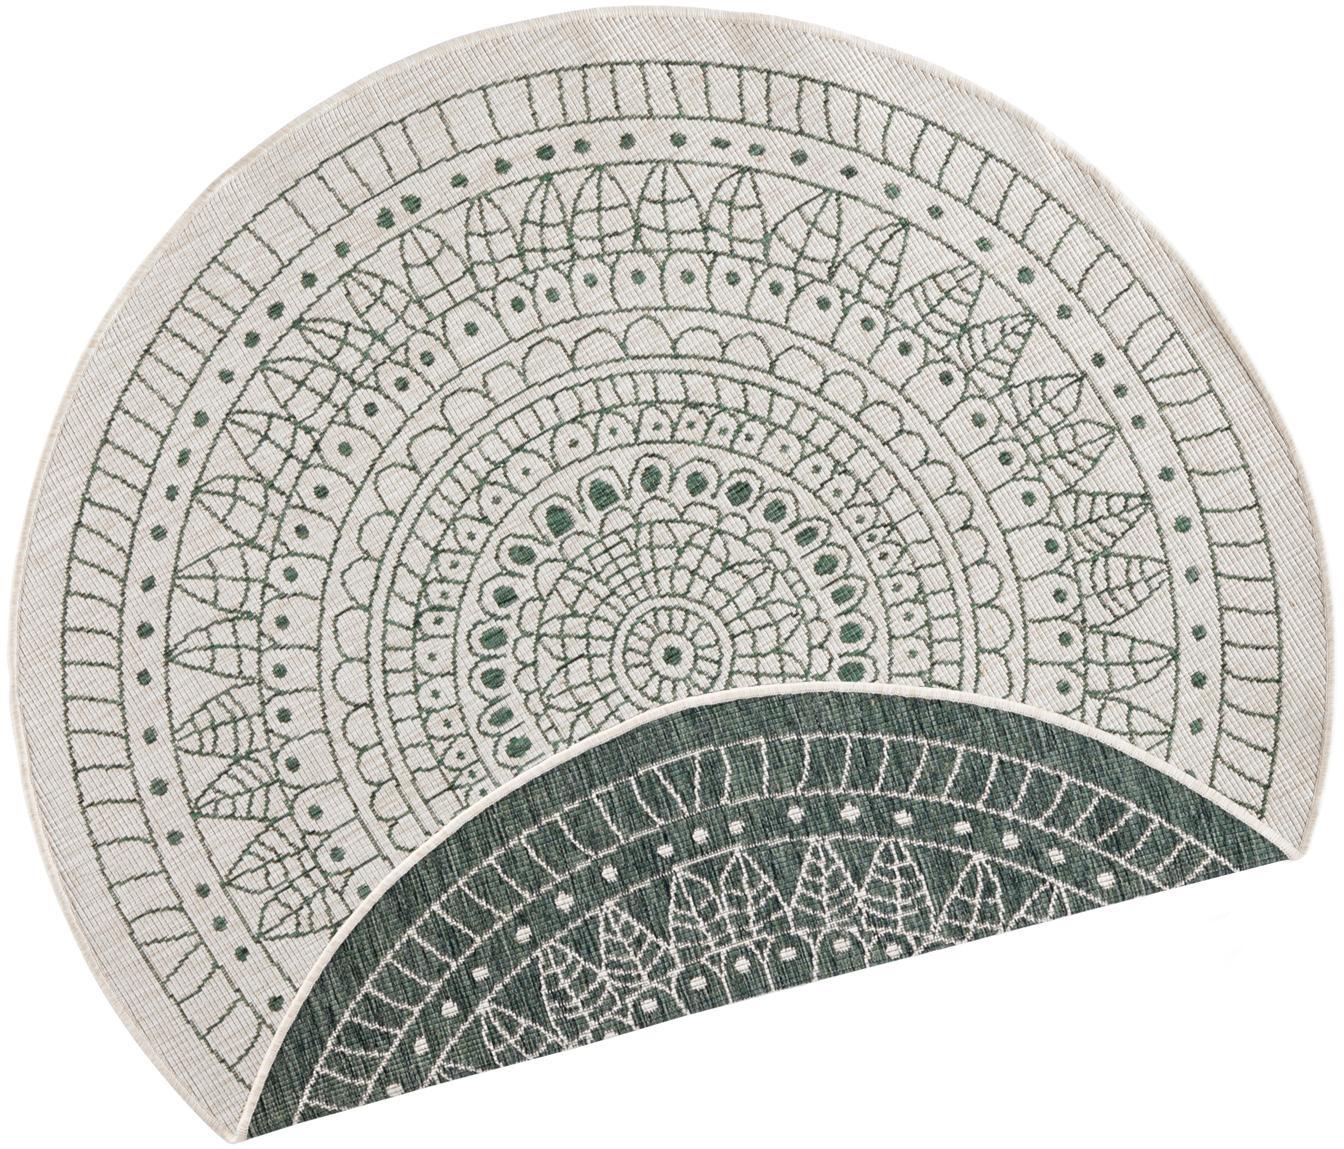 Okrągły dwustronny dywan wewnętrzny/zewnętrzny Porto, Zielony, kremowy, ∅ 140 cm (Rozmiar M)